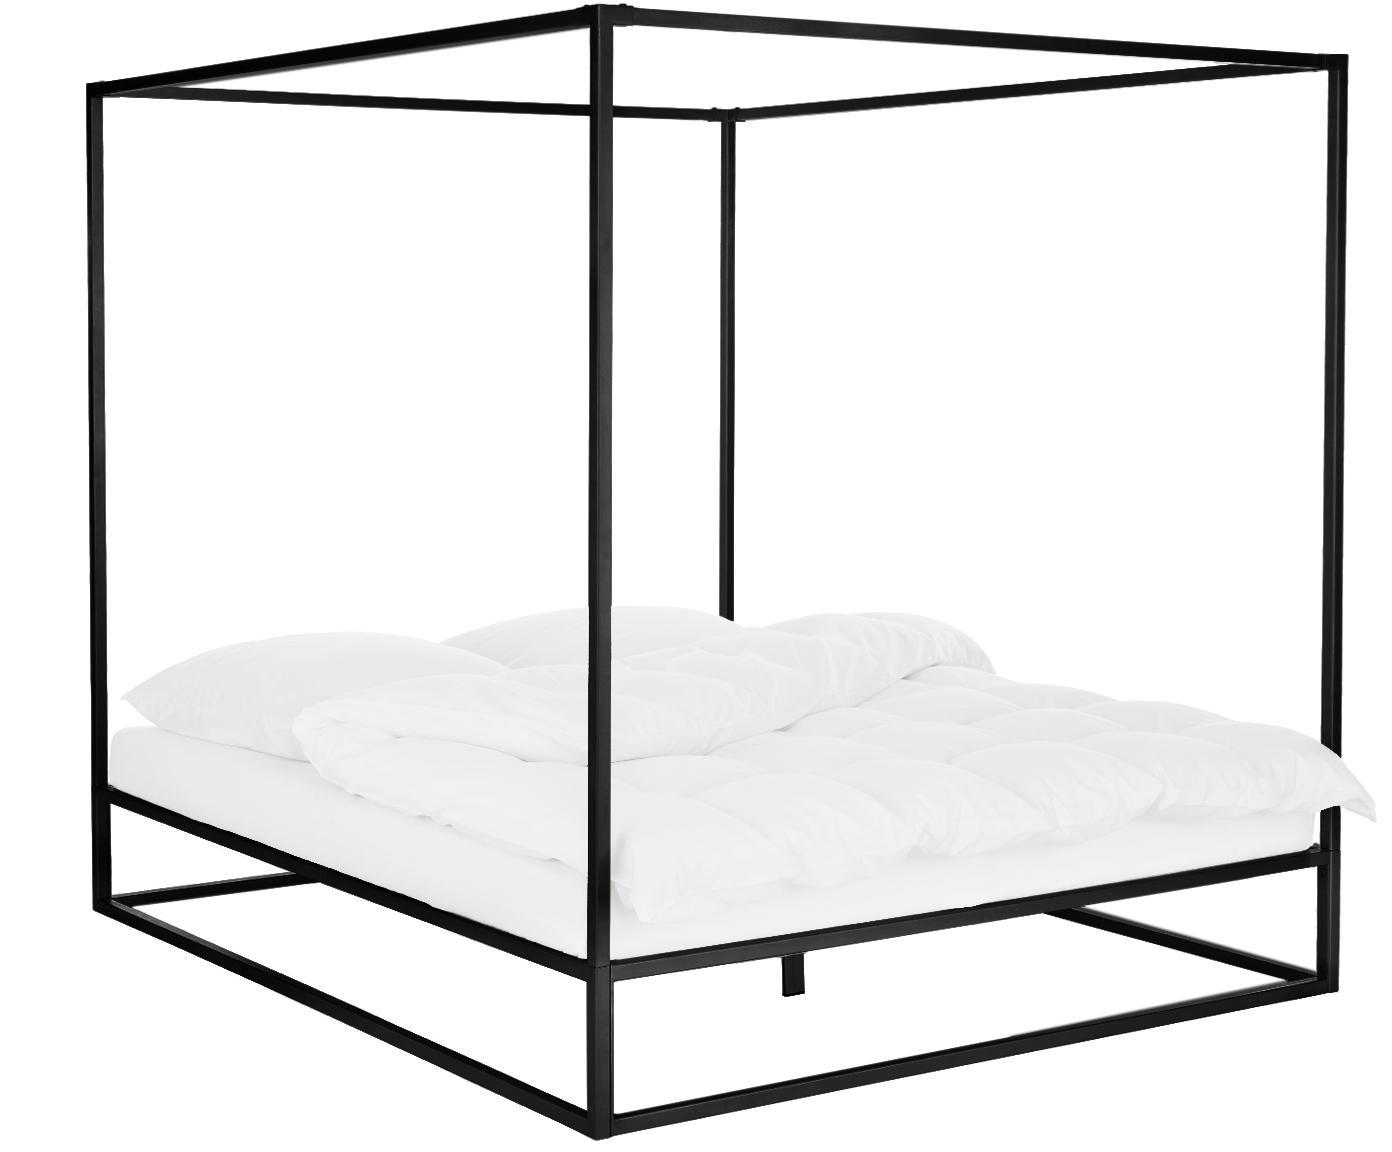 Łóżko z baldachimem Belle, Metal malowany proszkowo, Czarny, matowy, 180 x 200 cm